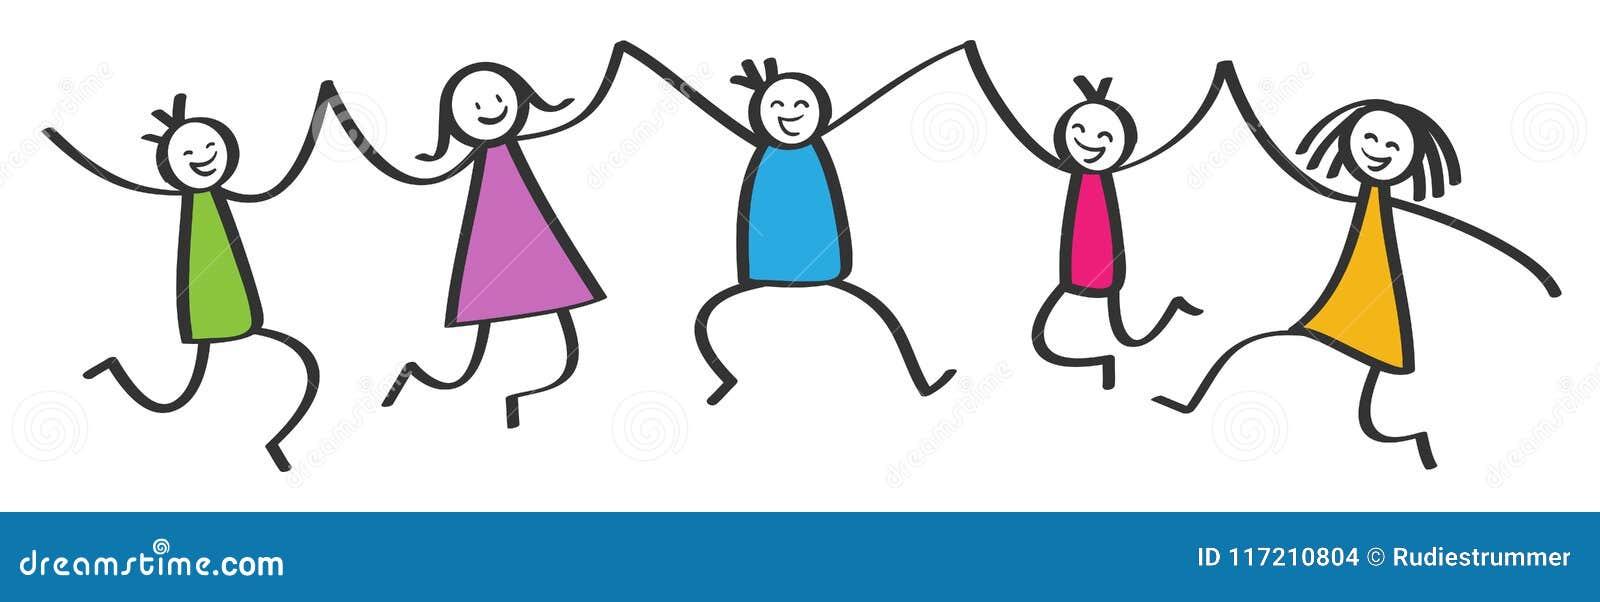 Простые диаграммы ручки, 5 счастливые красочные детей скача, держащ руки, усмехаться и смеяться над